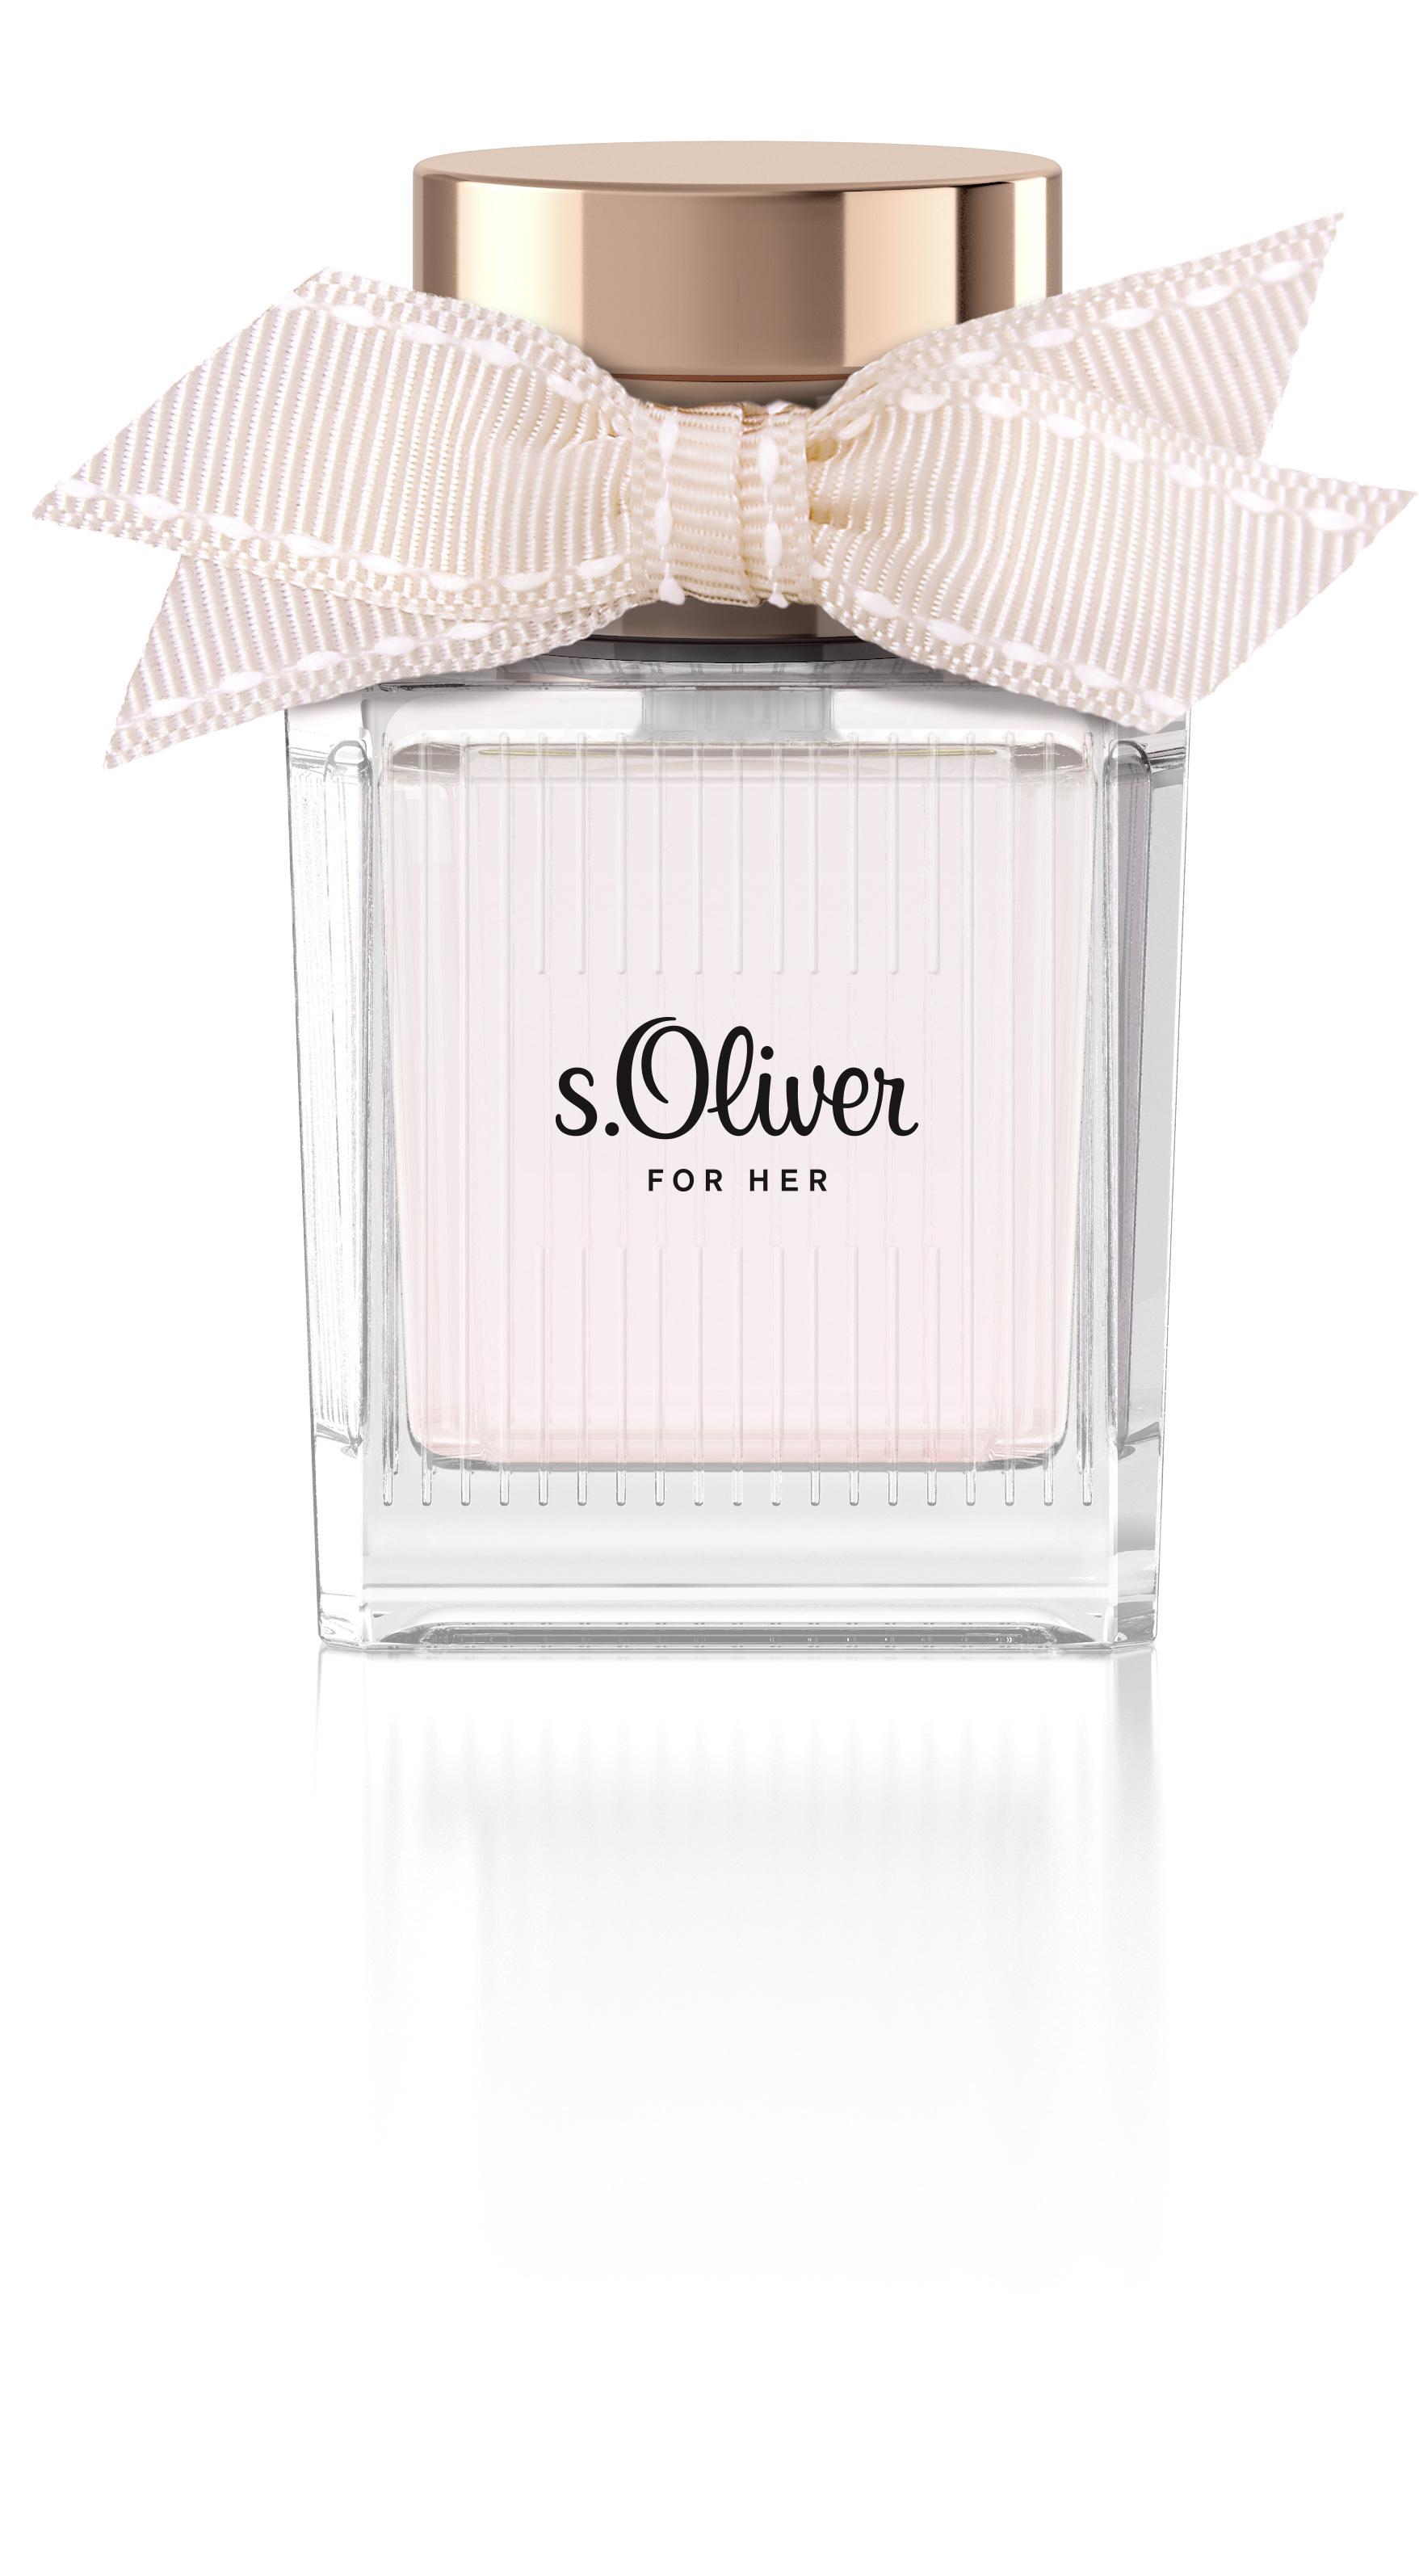 s.Oliver | s.Oliver For Her Eau de Toilette Natural Spray 30ml